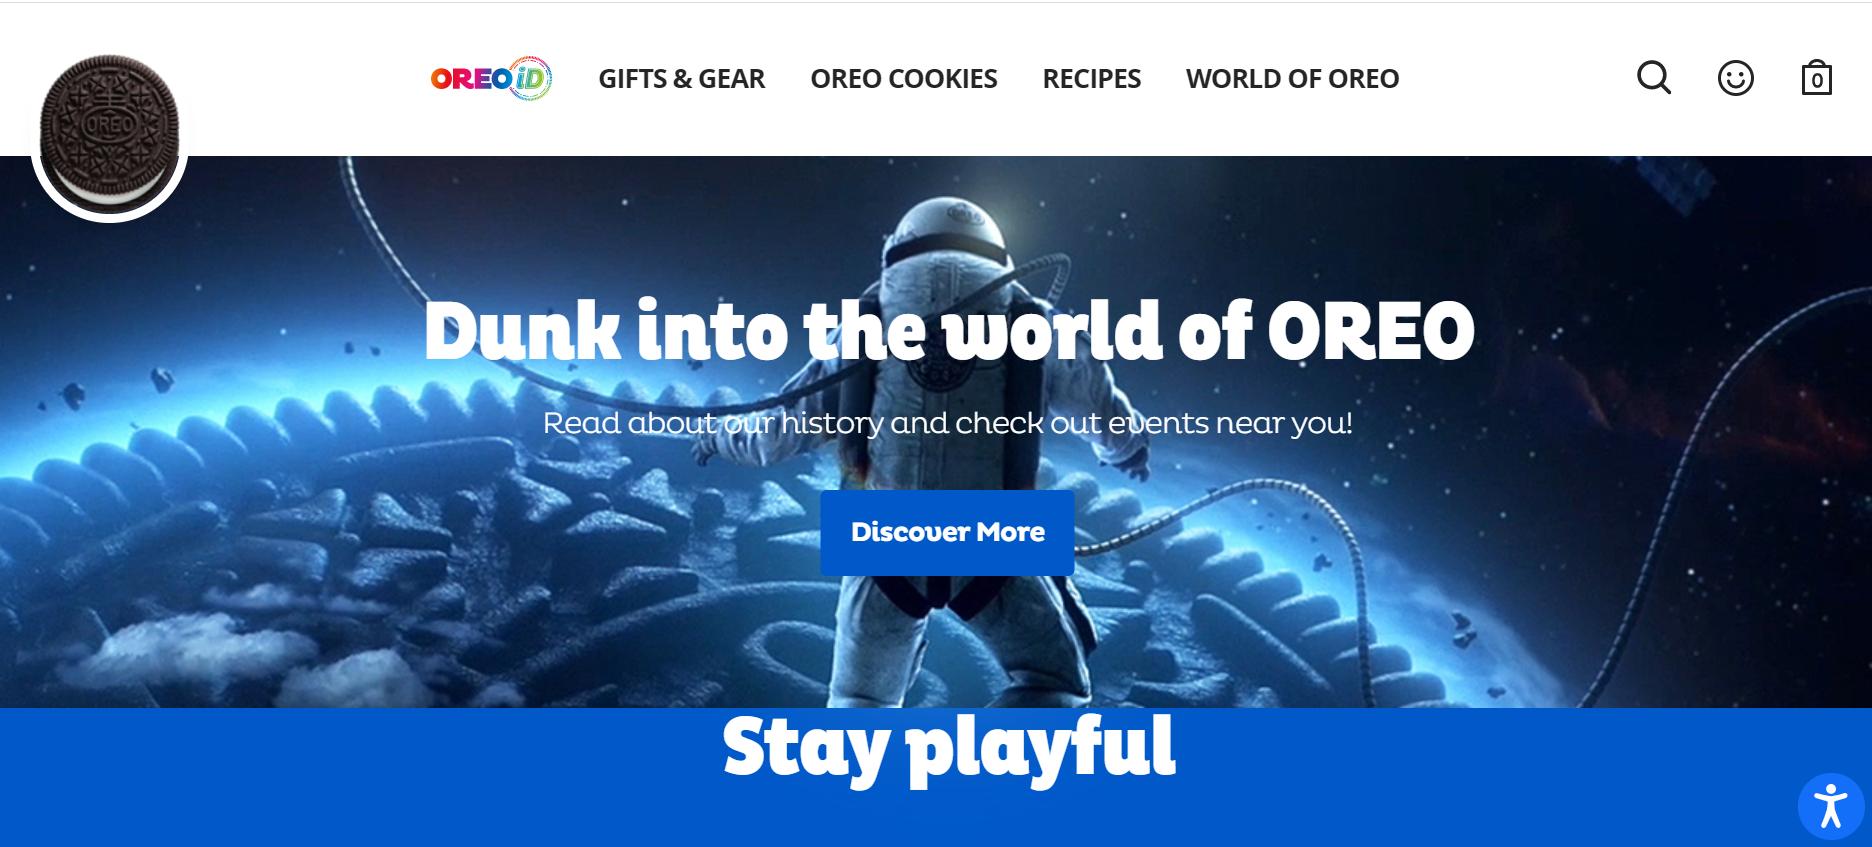 Oreo eCommerce branding website example